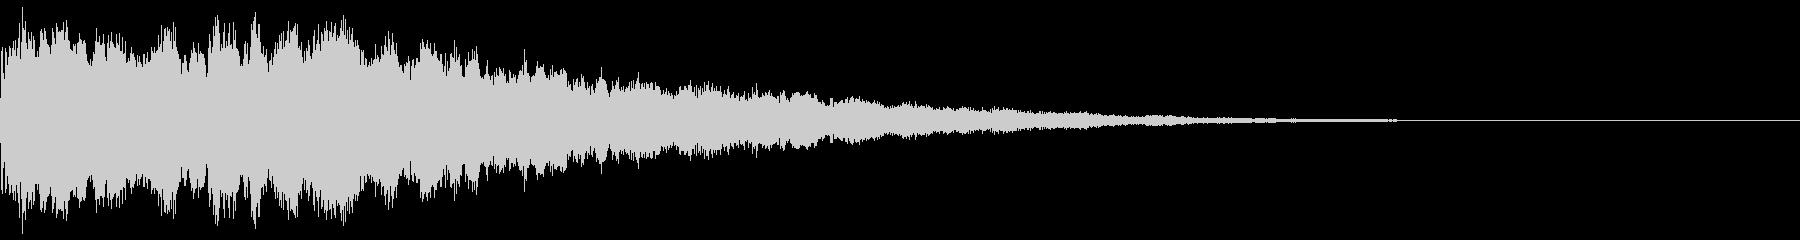 ビションフワーピチョー…(ミステリー)の未再生の波形